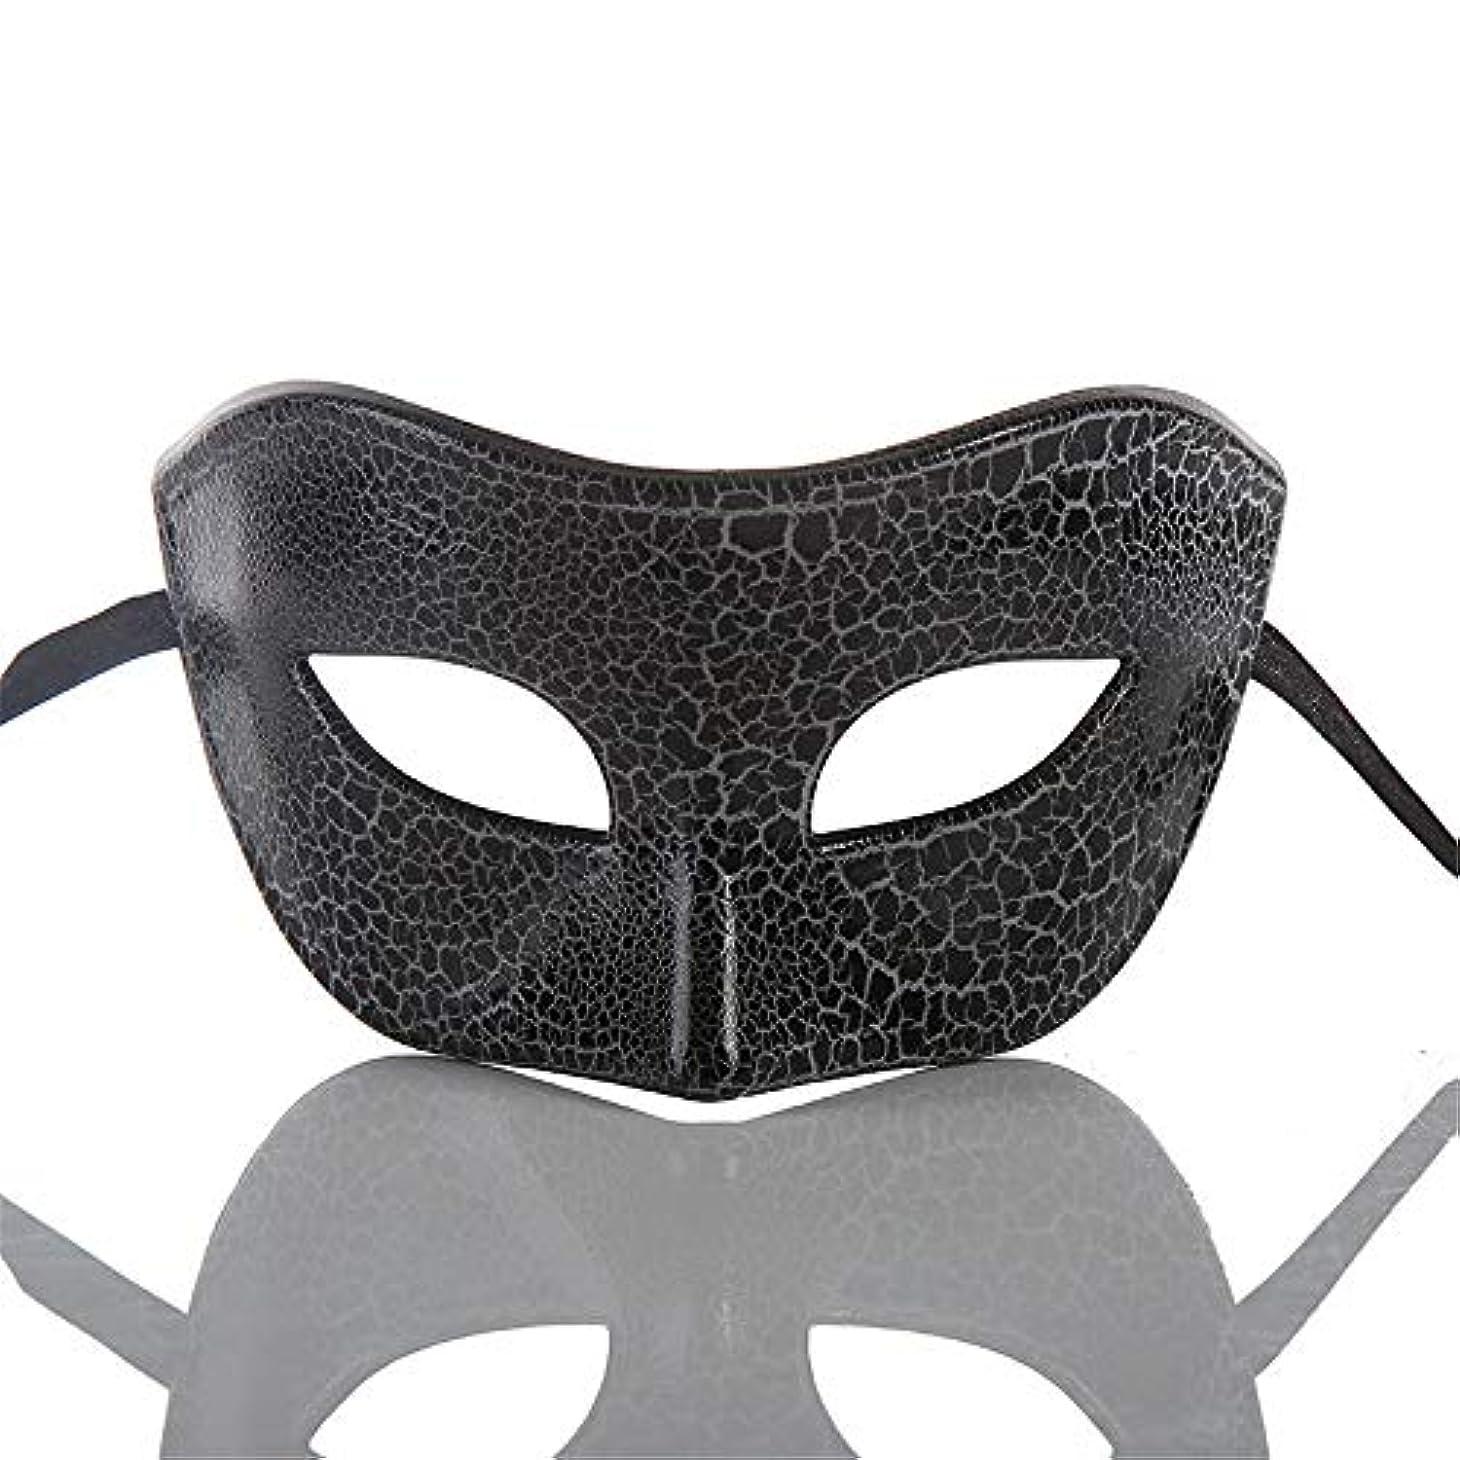 パラダイス悲惨学校ダンスマスク ハーフマスク新しいハロウィーンマスク仮装レトロコスプレメイクナイトクラブマスク雰囲気クリスマスお祝いプラスチックマスク ホリデーパーティー用品 (色 : ブラック, サイズ : 16.5x8cm)